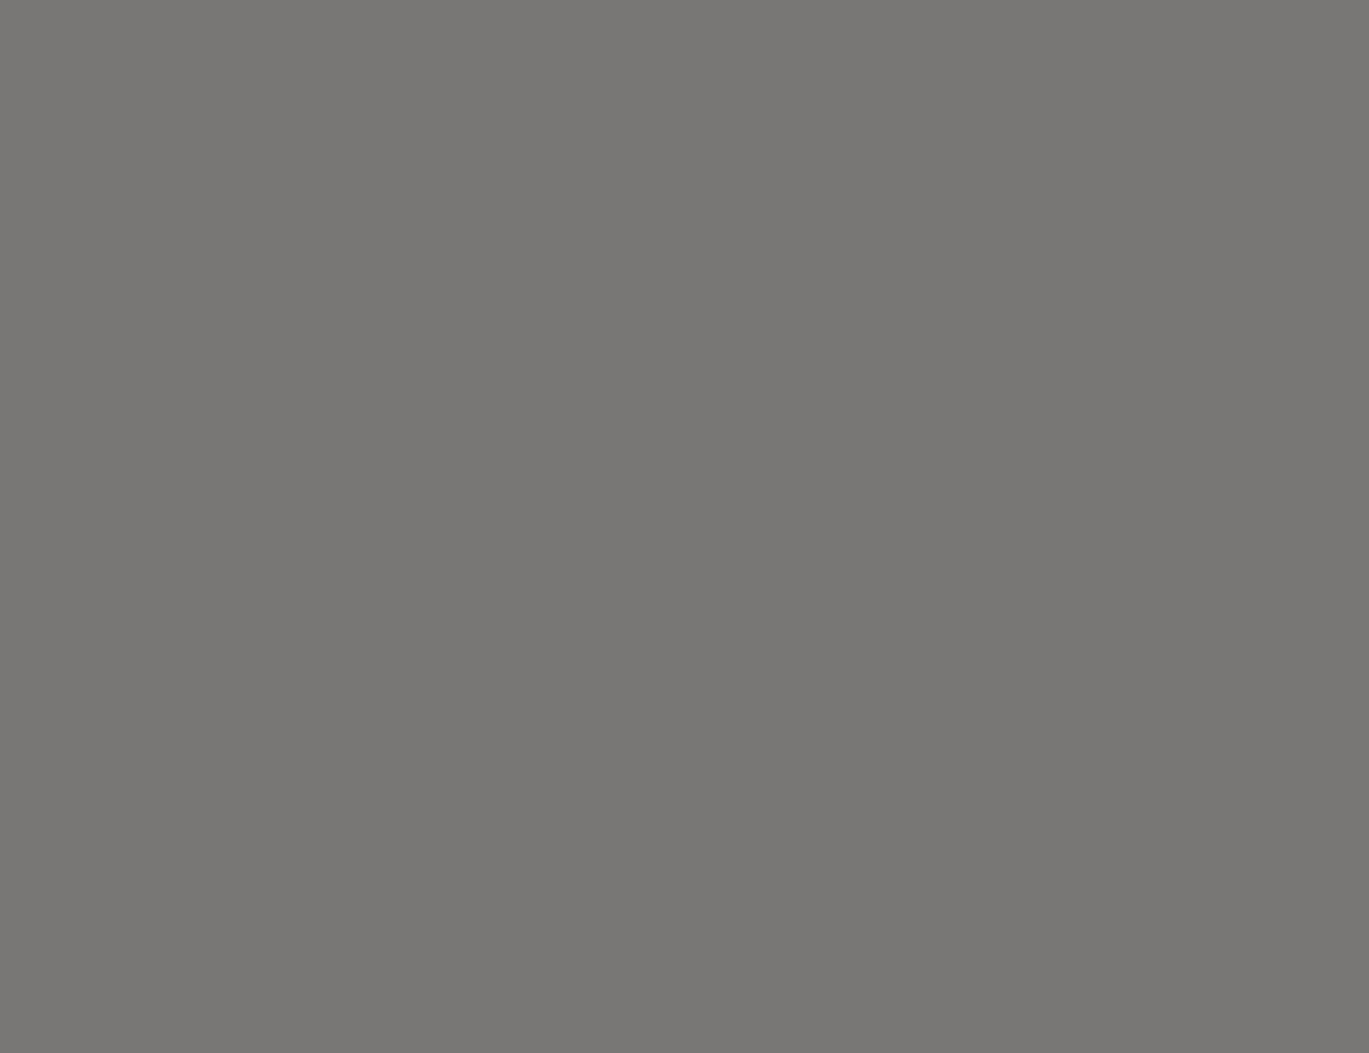 519062.average - Народный промысел родного края